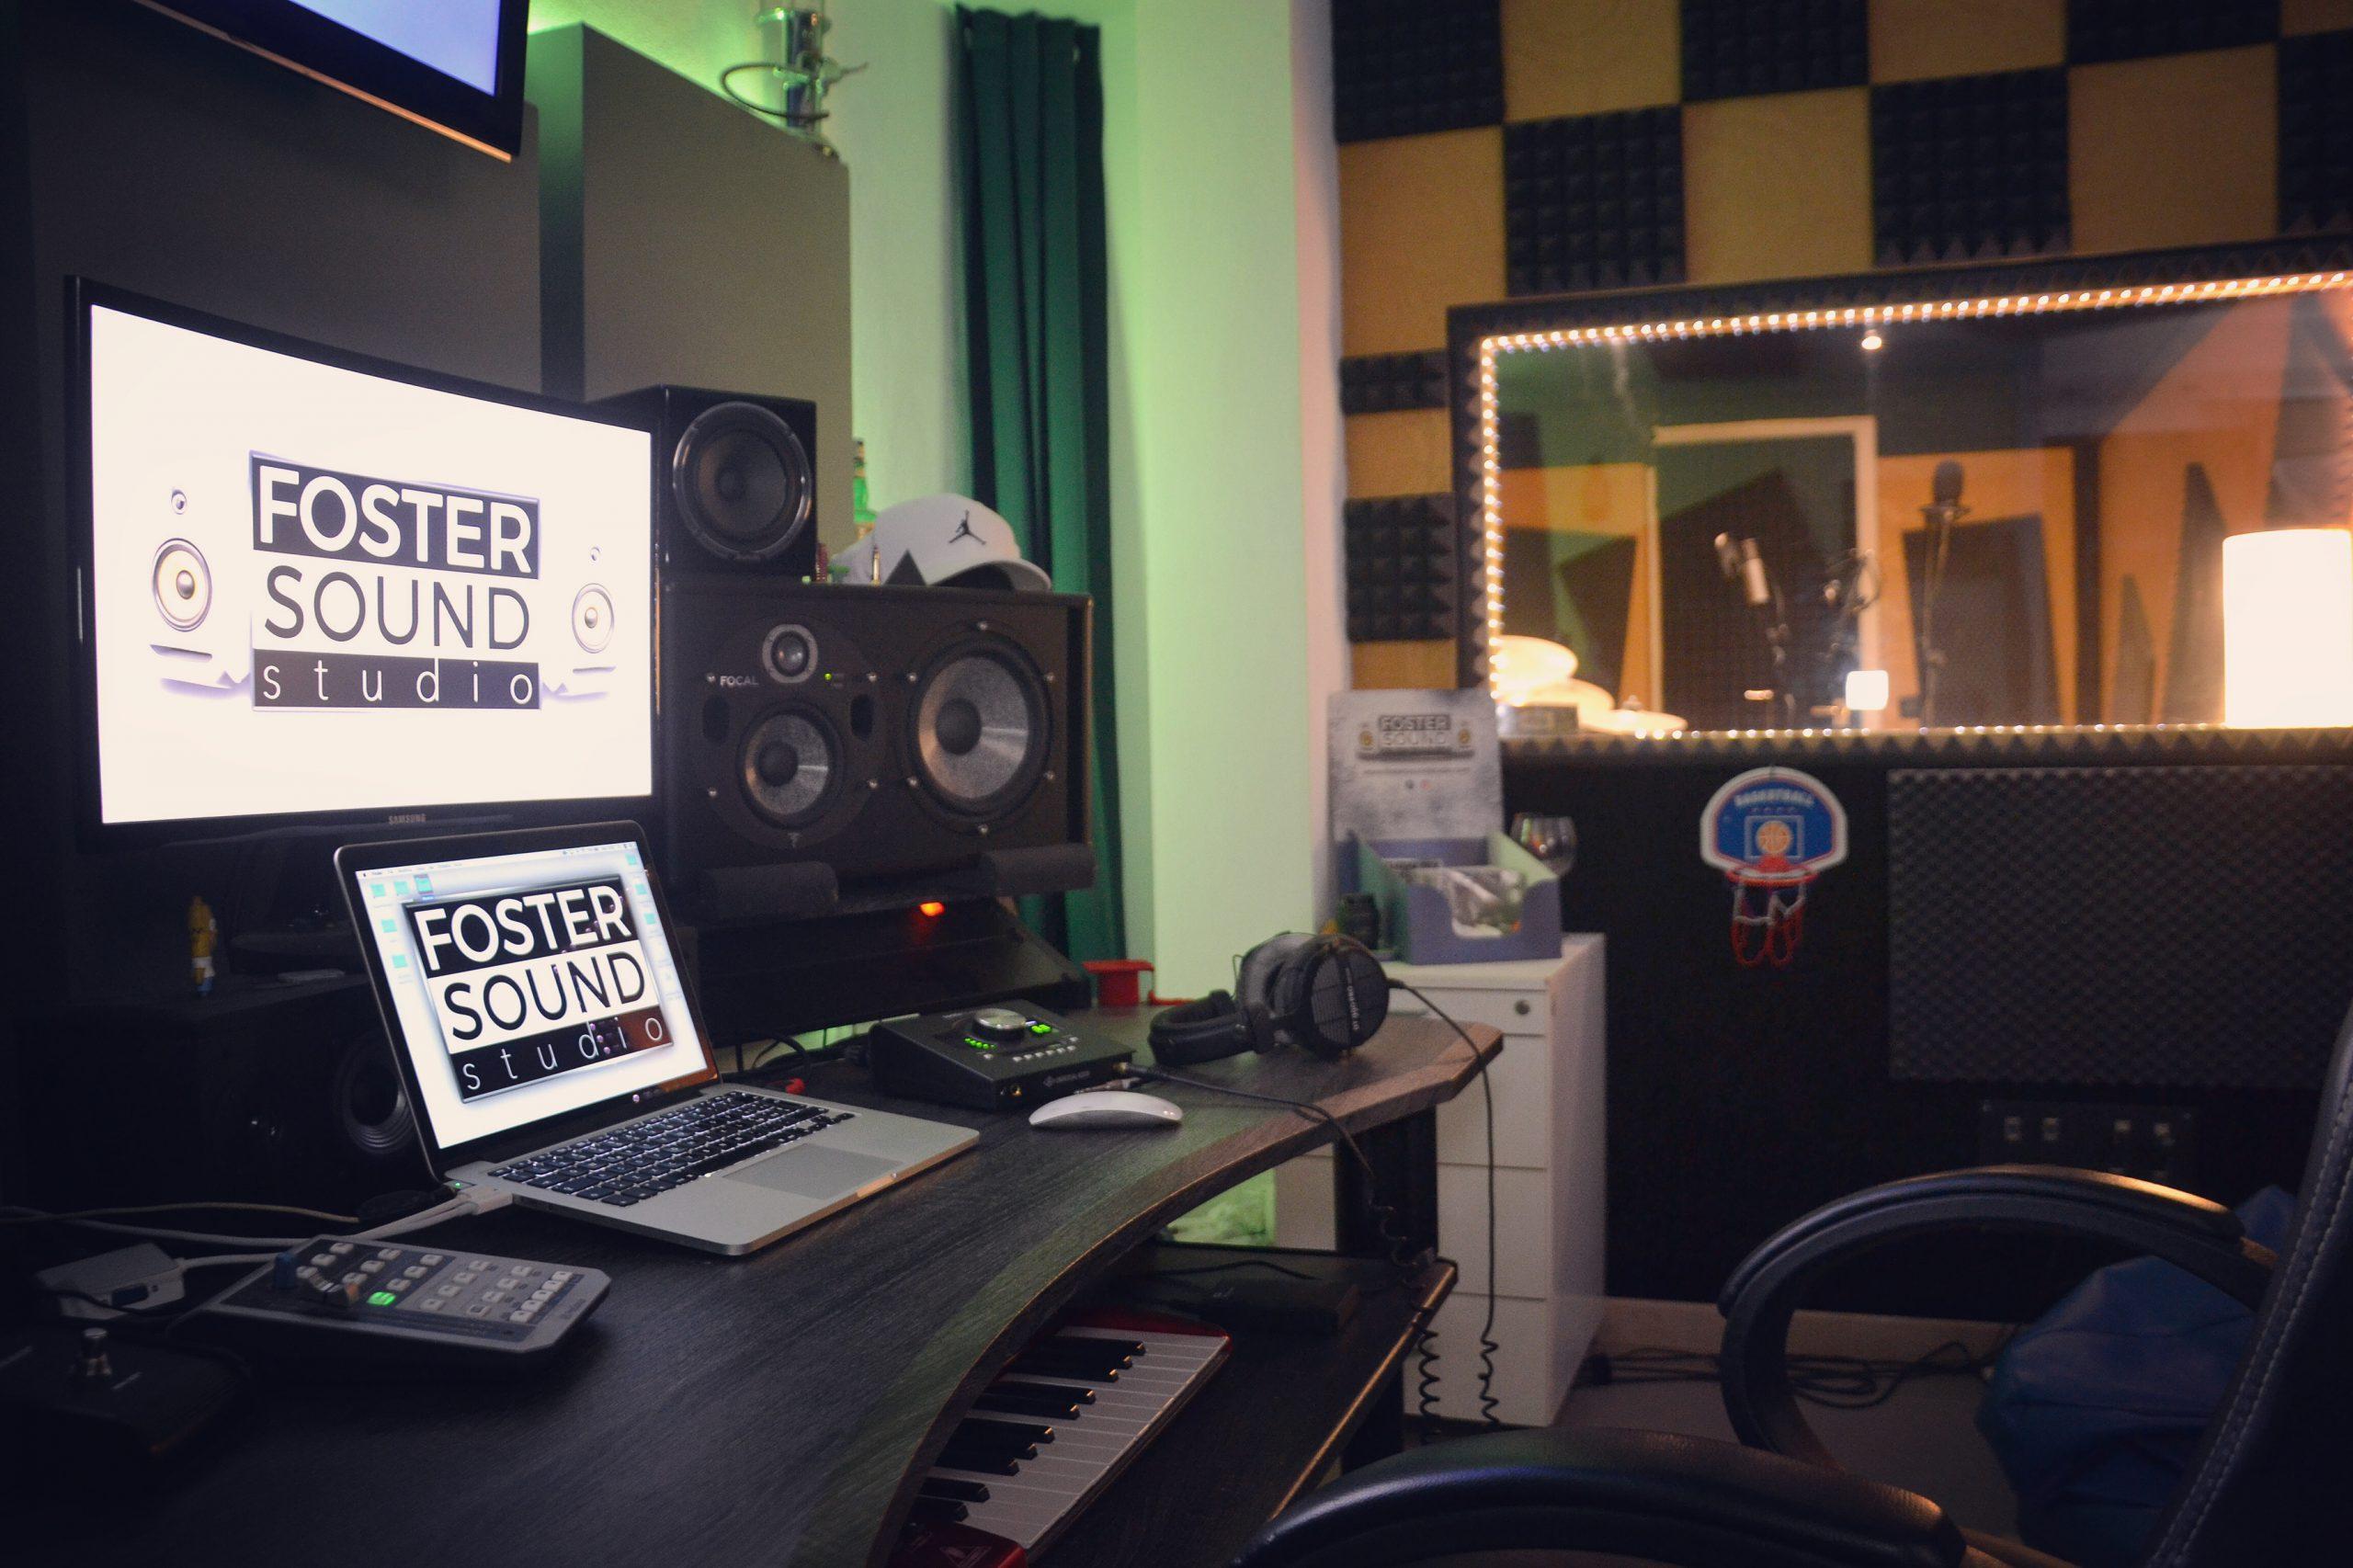 Foster Sound Studio